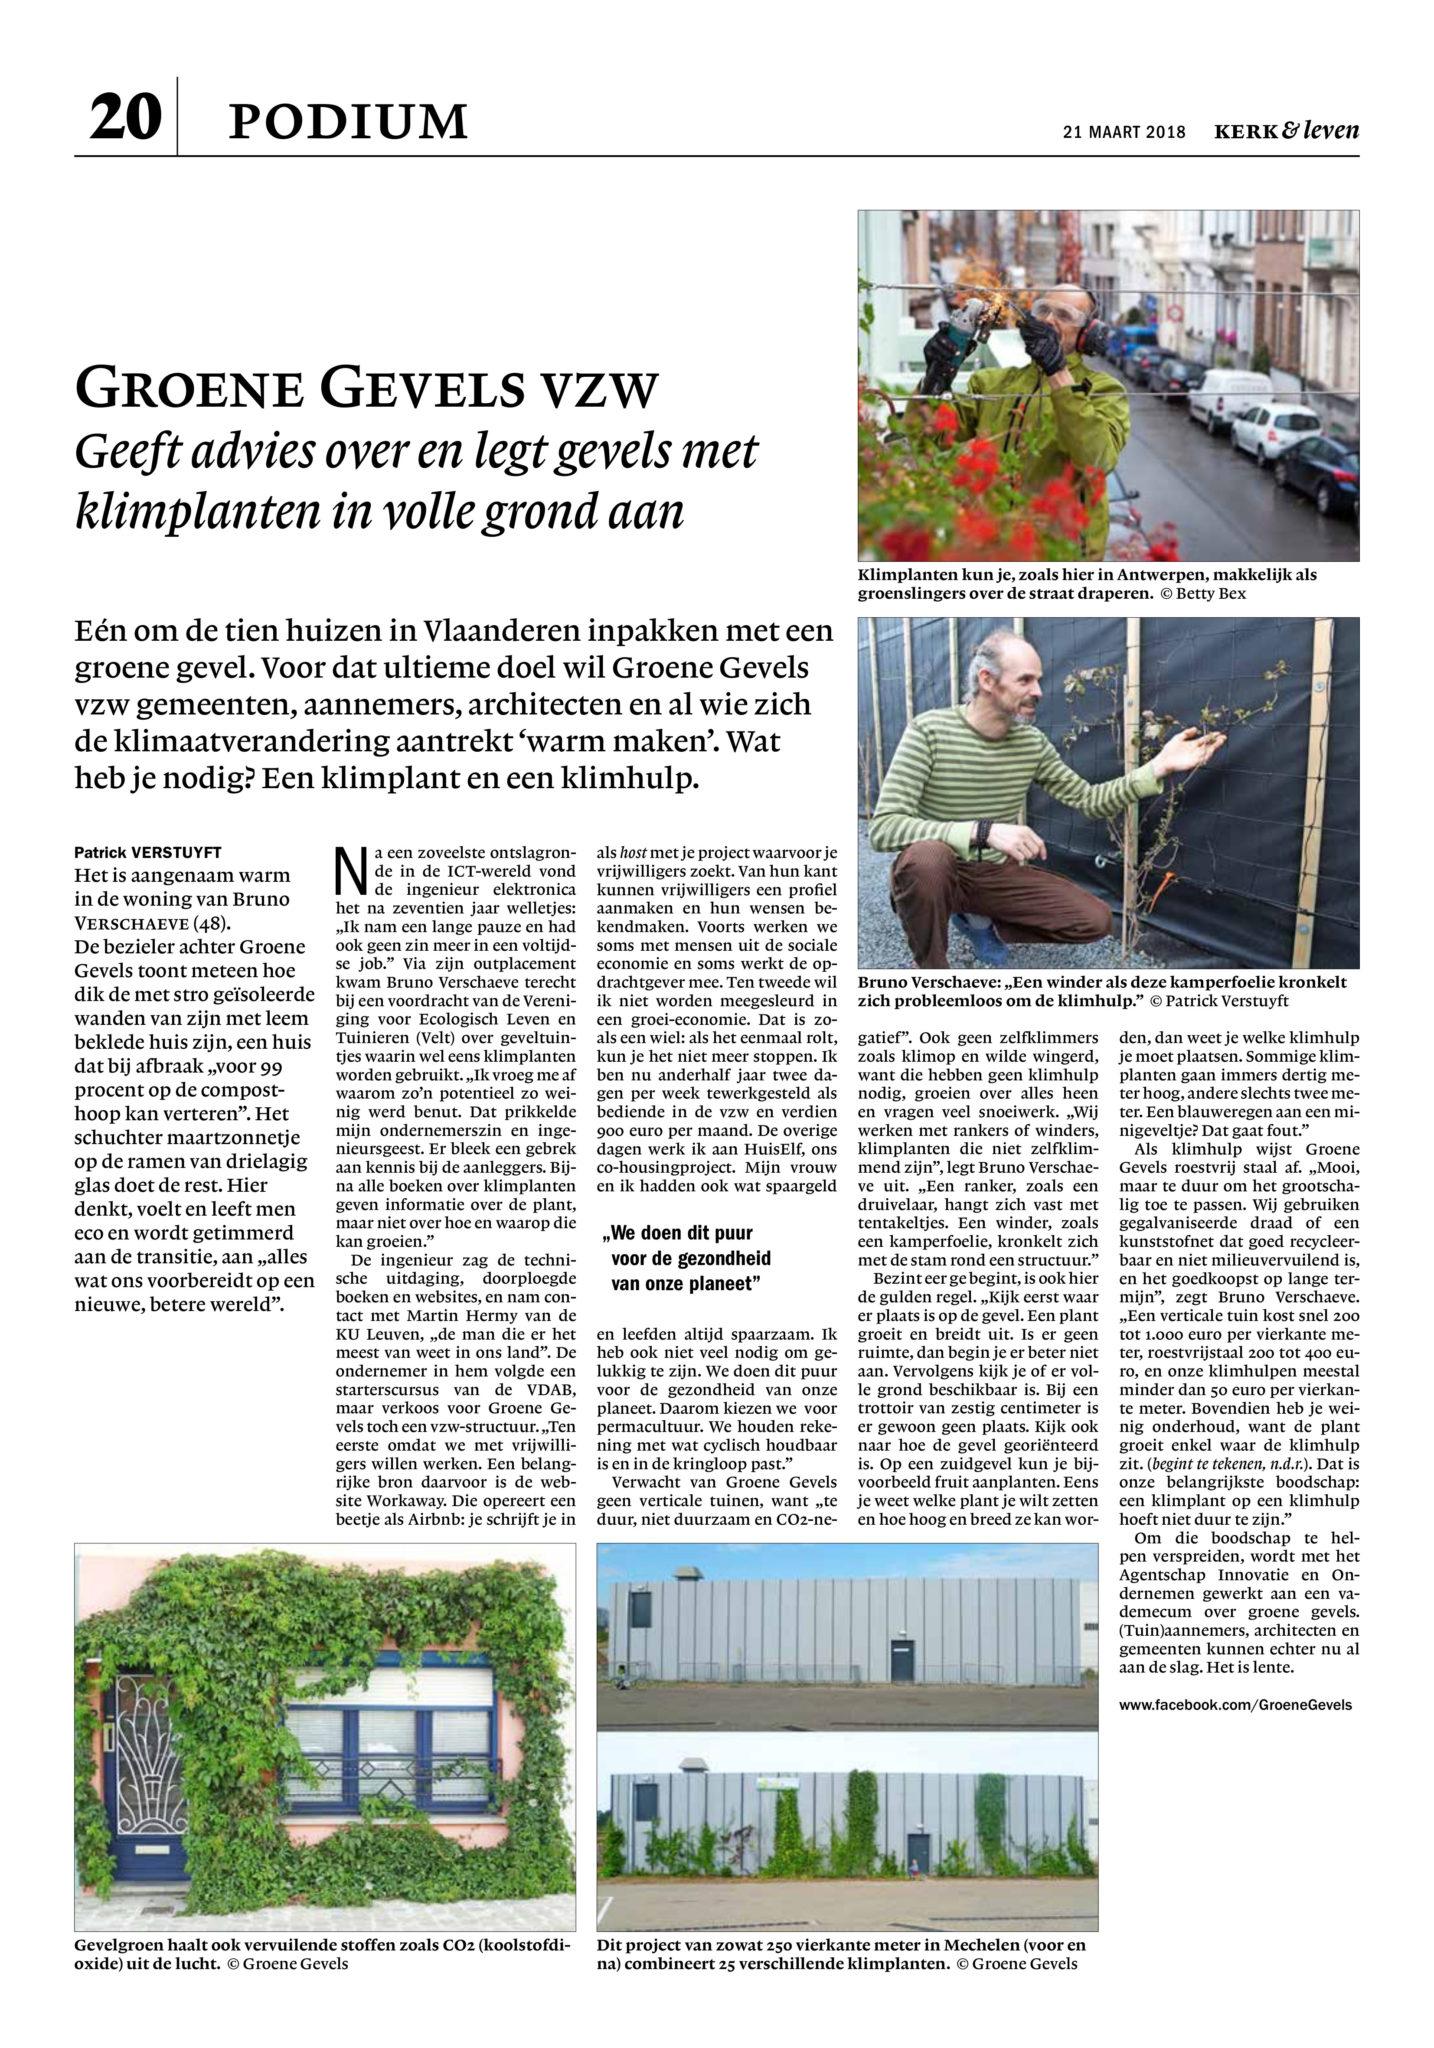 Artikel Visie - 11 mei 2013